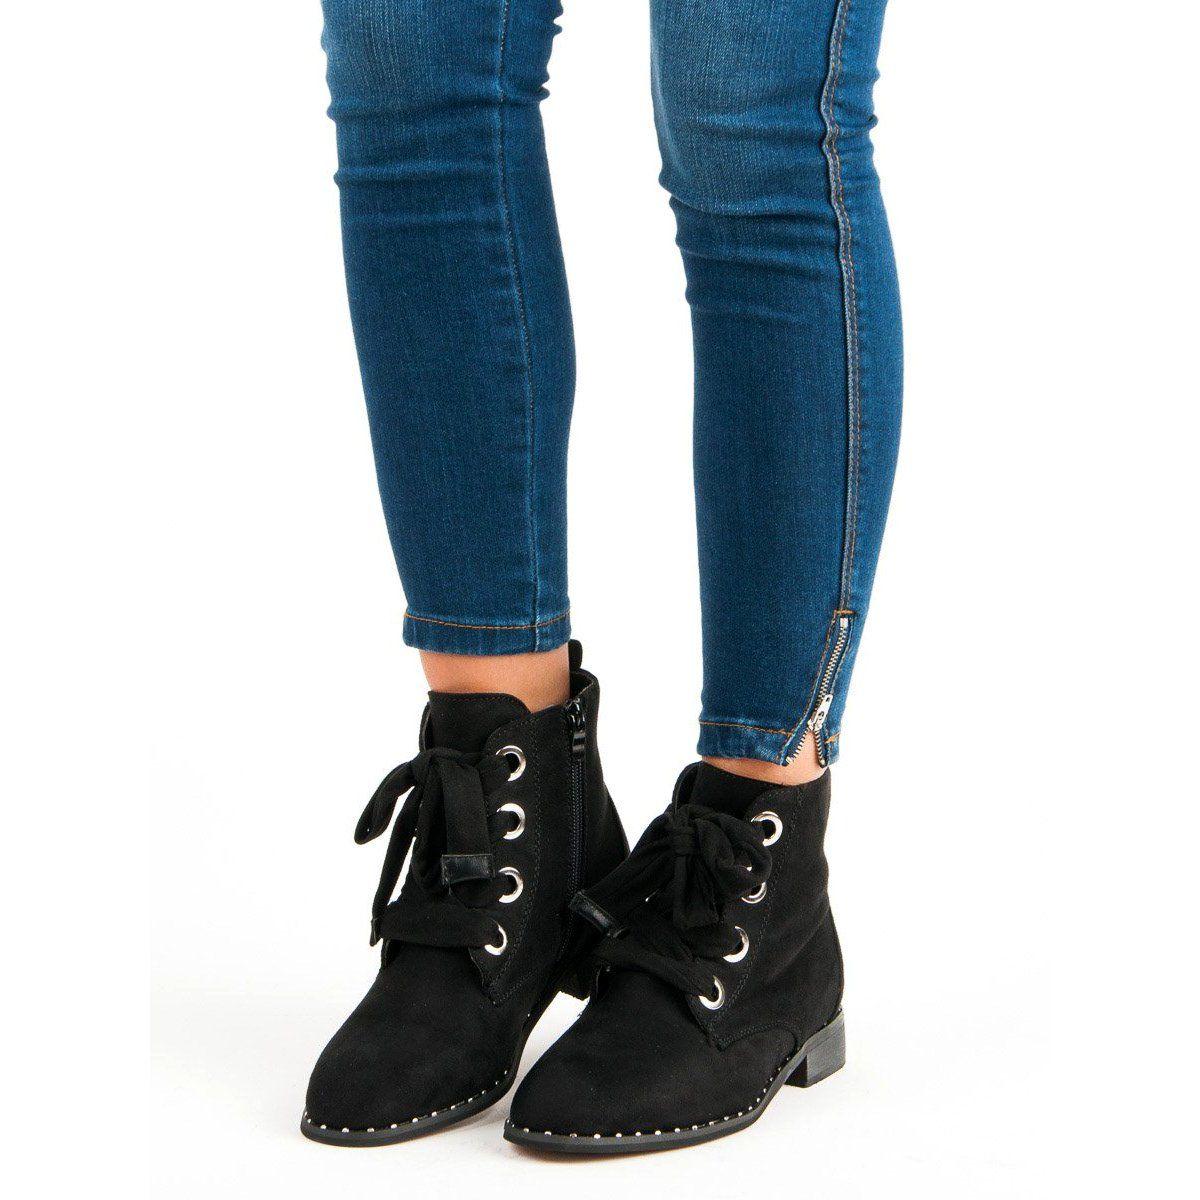 Zamszowe Sznurowane Botki Czarne Boots Winter Boot Shoes